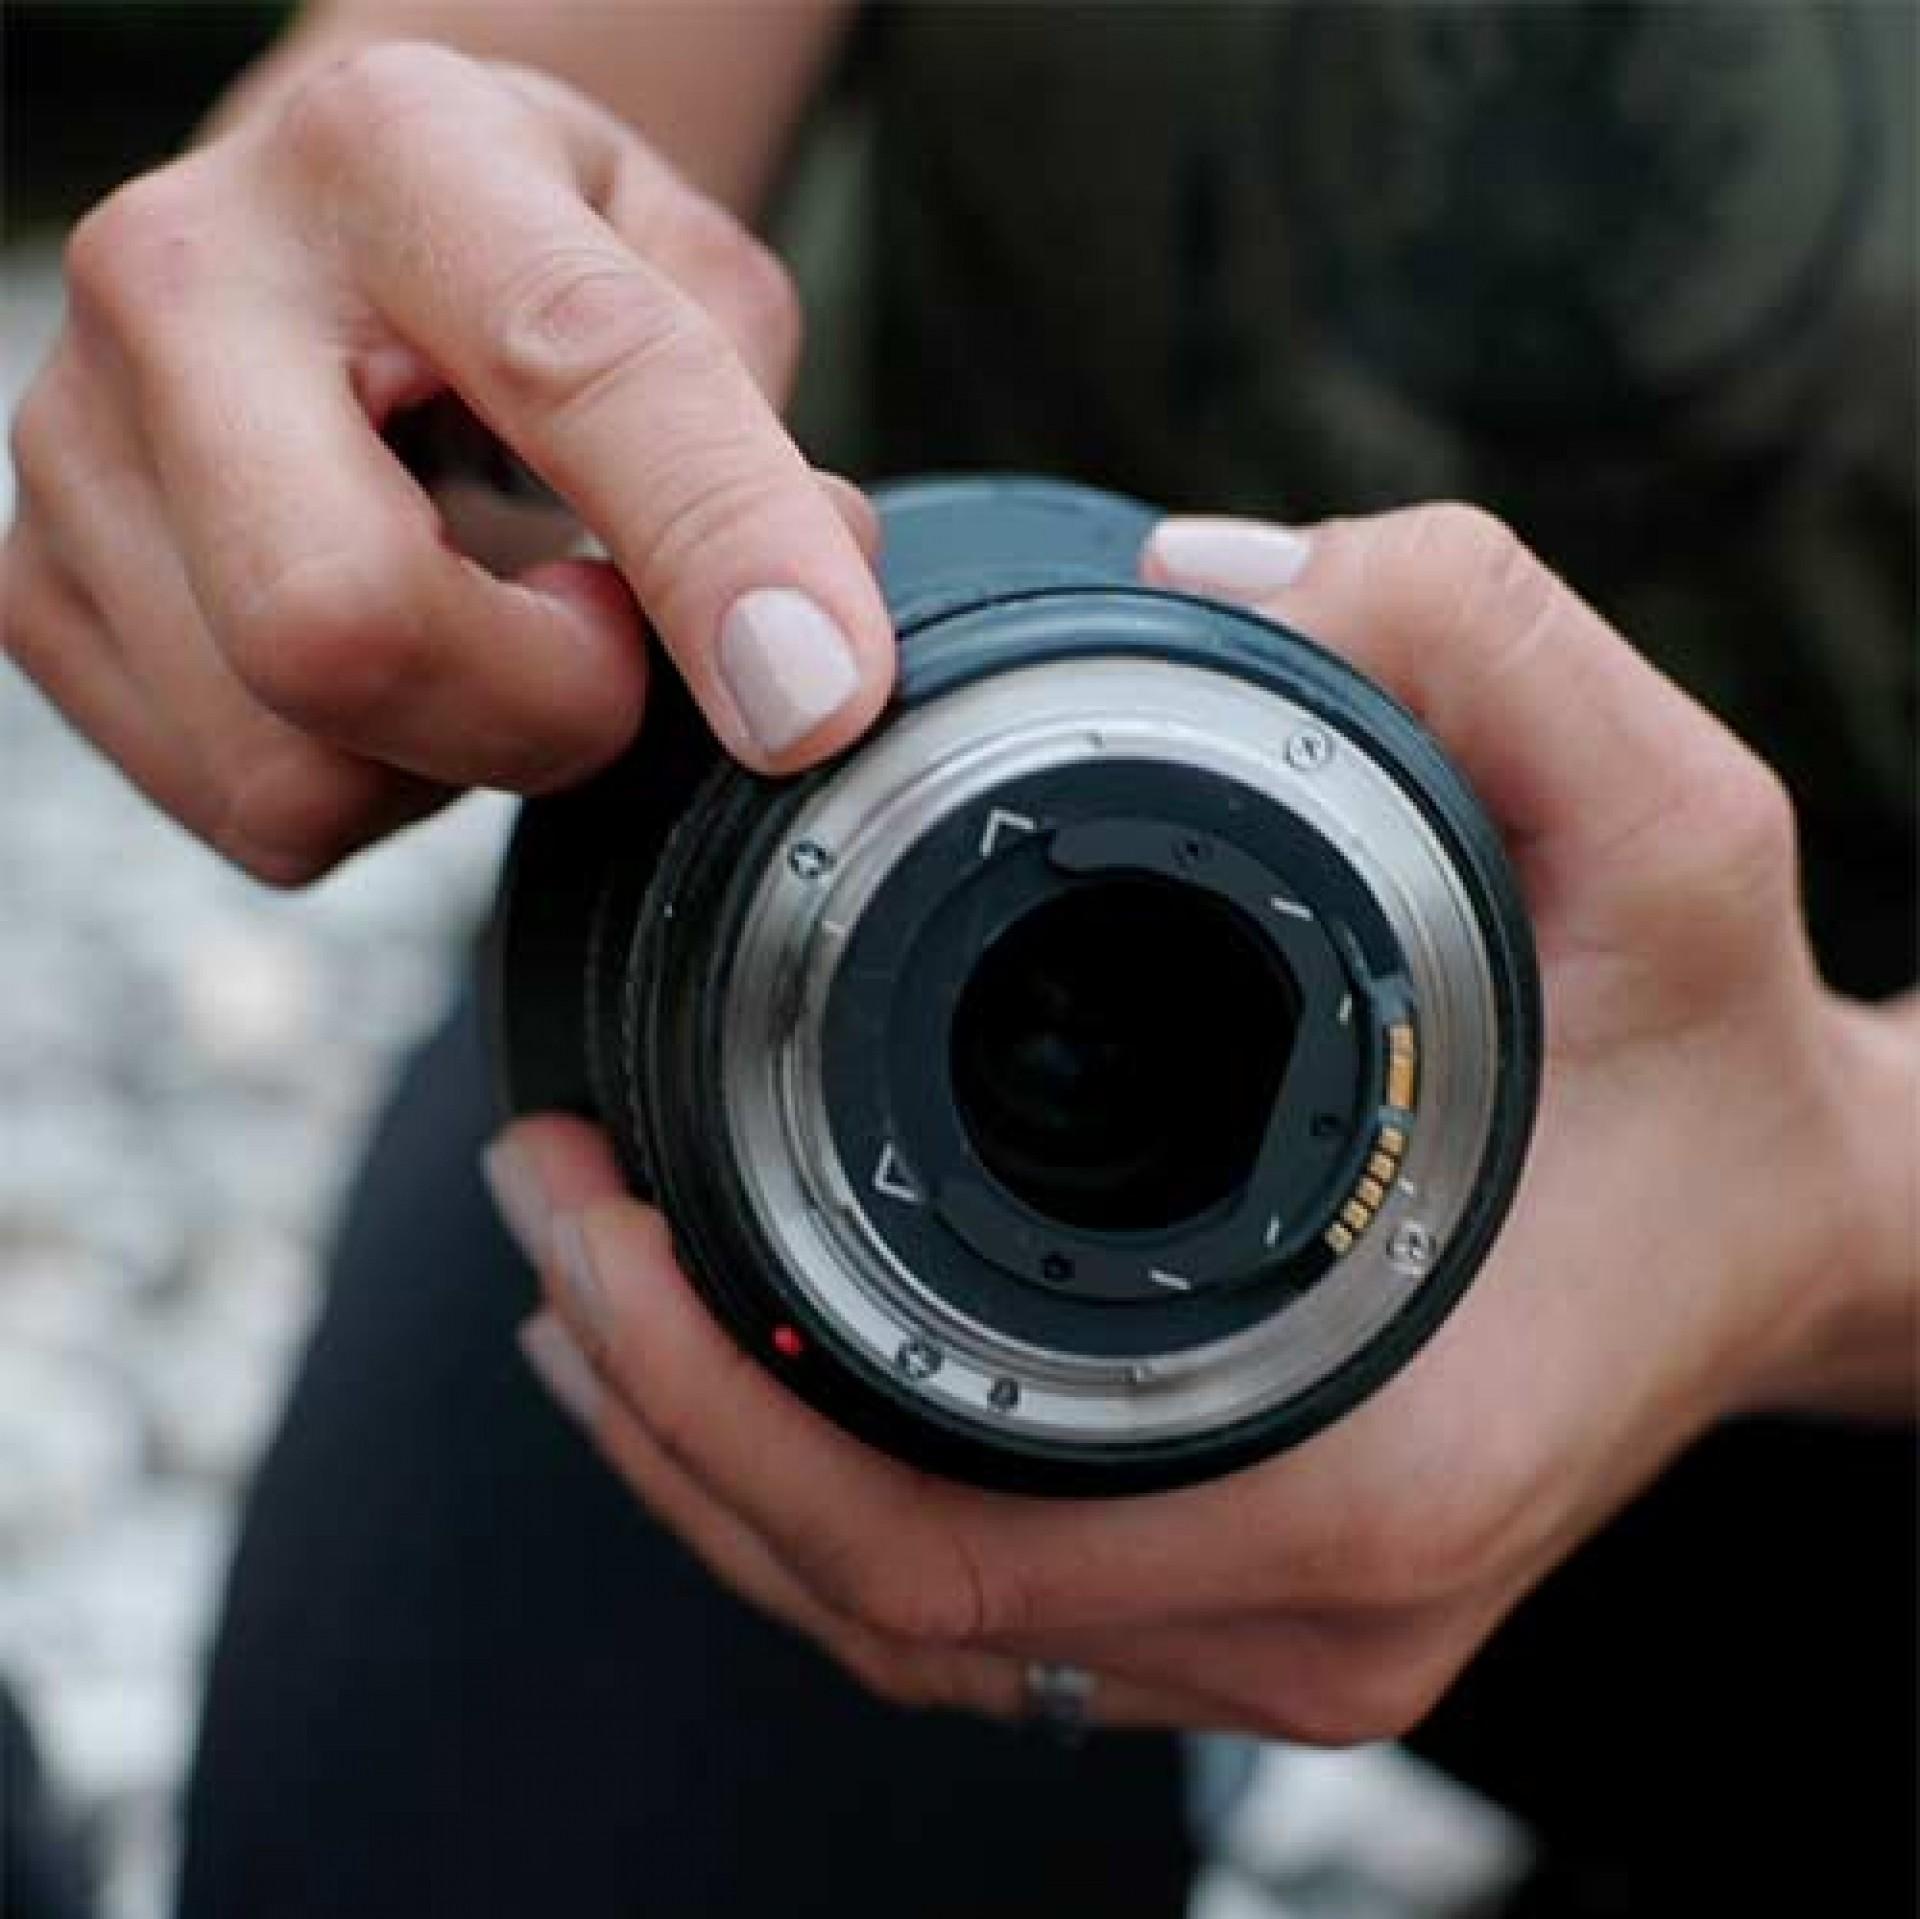 Staub- und Spritzwasserschutz, EOS R5, EOS R6, RF Telekonverter, Canon Objektive der L-Serie